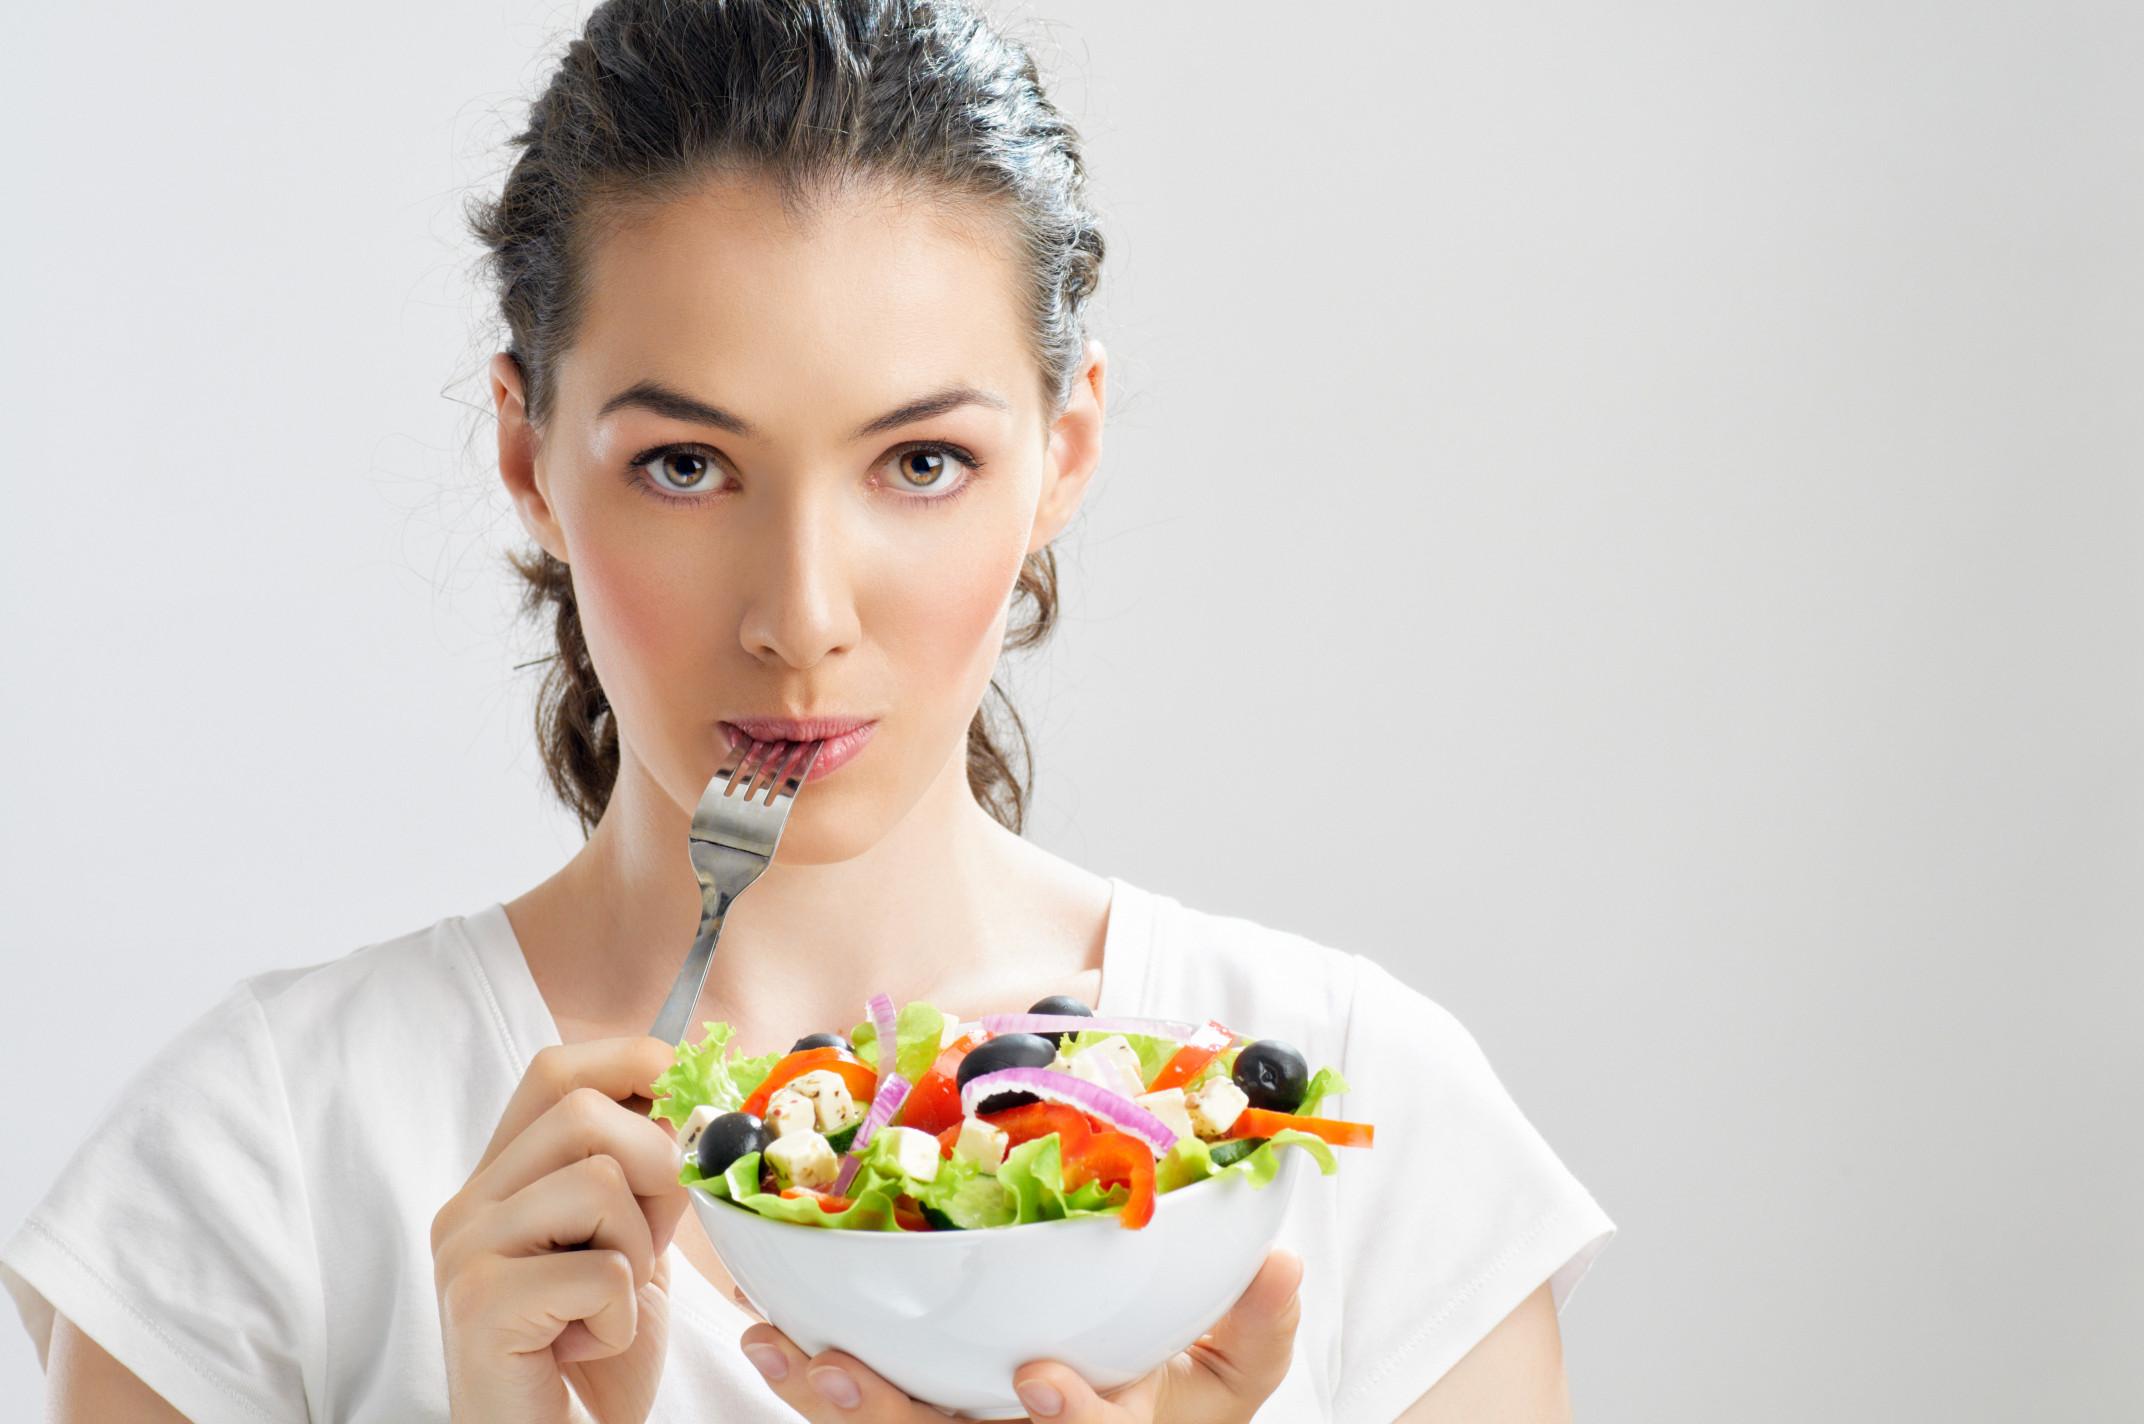 La salute il progetto cresco magro